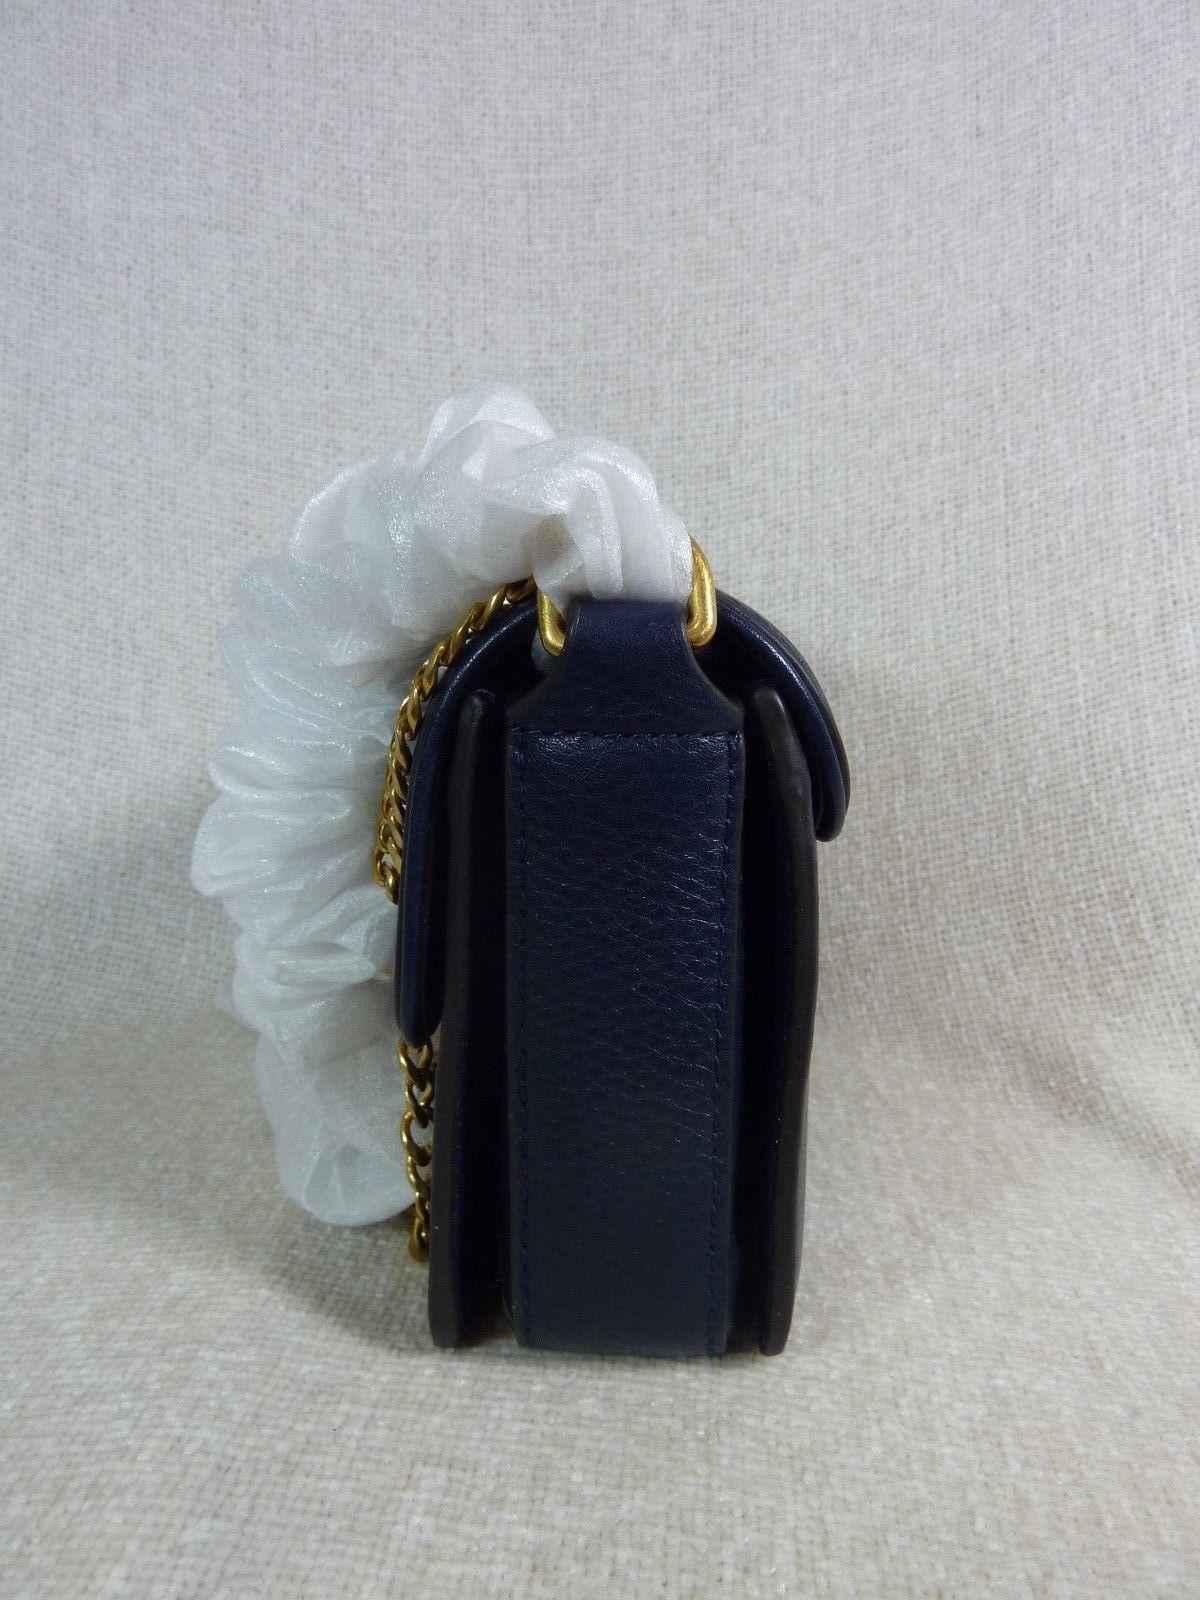 Neuf avec Étiquettes Tory Burch Marine Royale Chelsea Mini Sac Bandoulière image 3